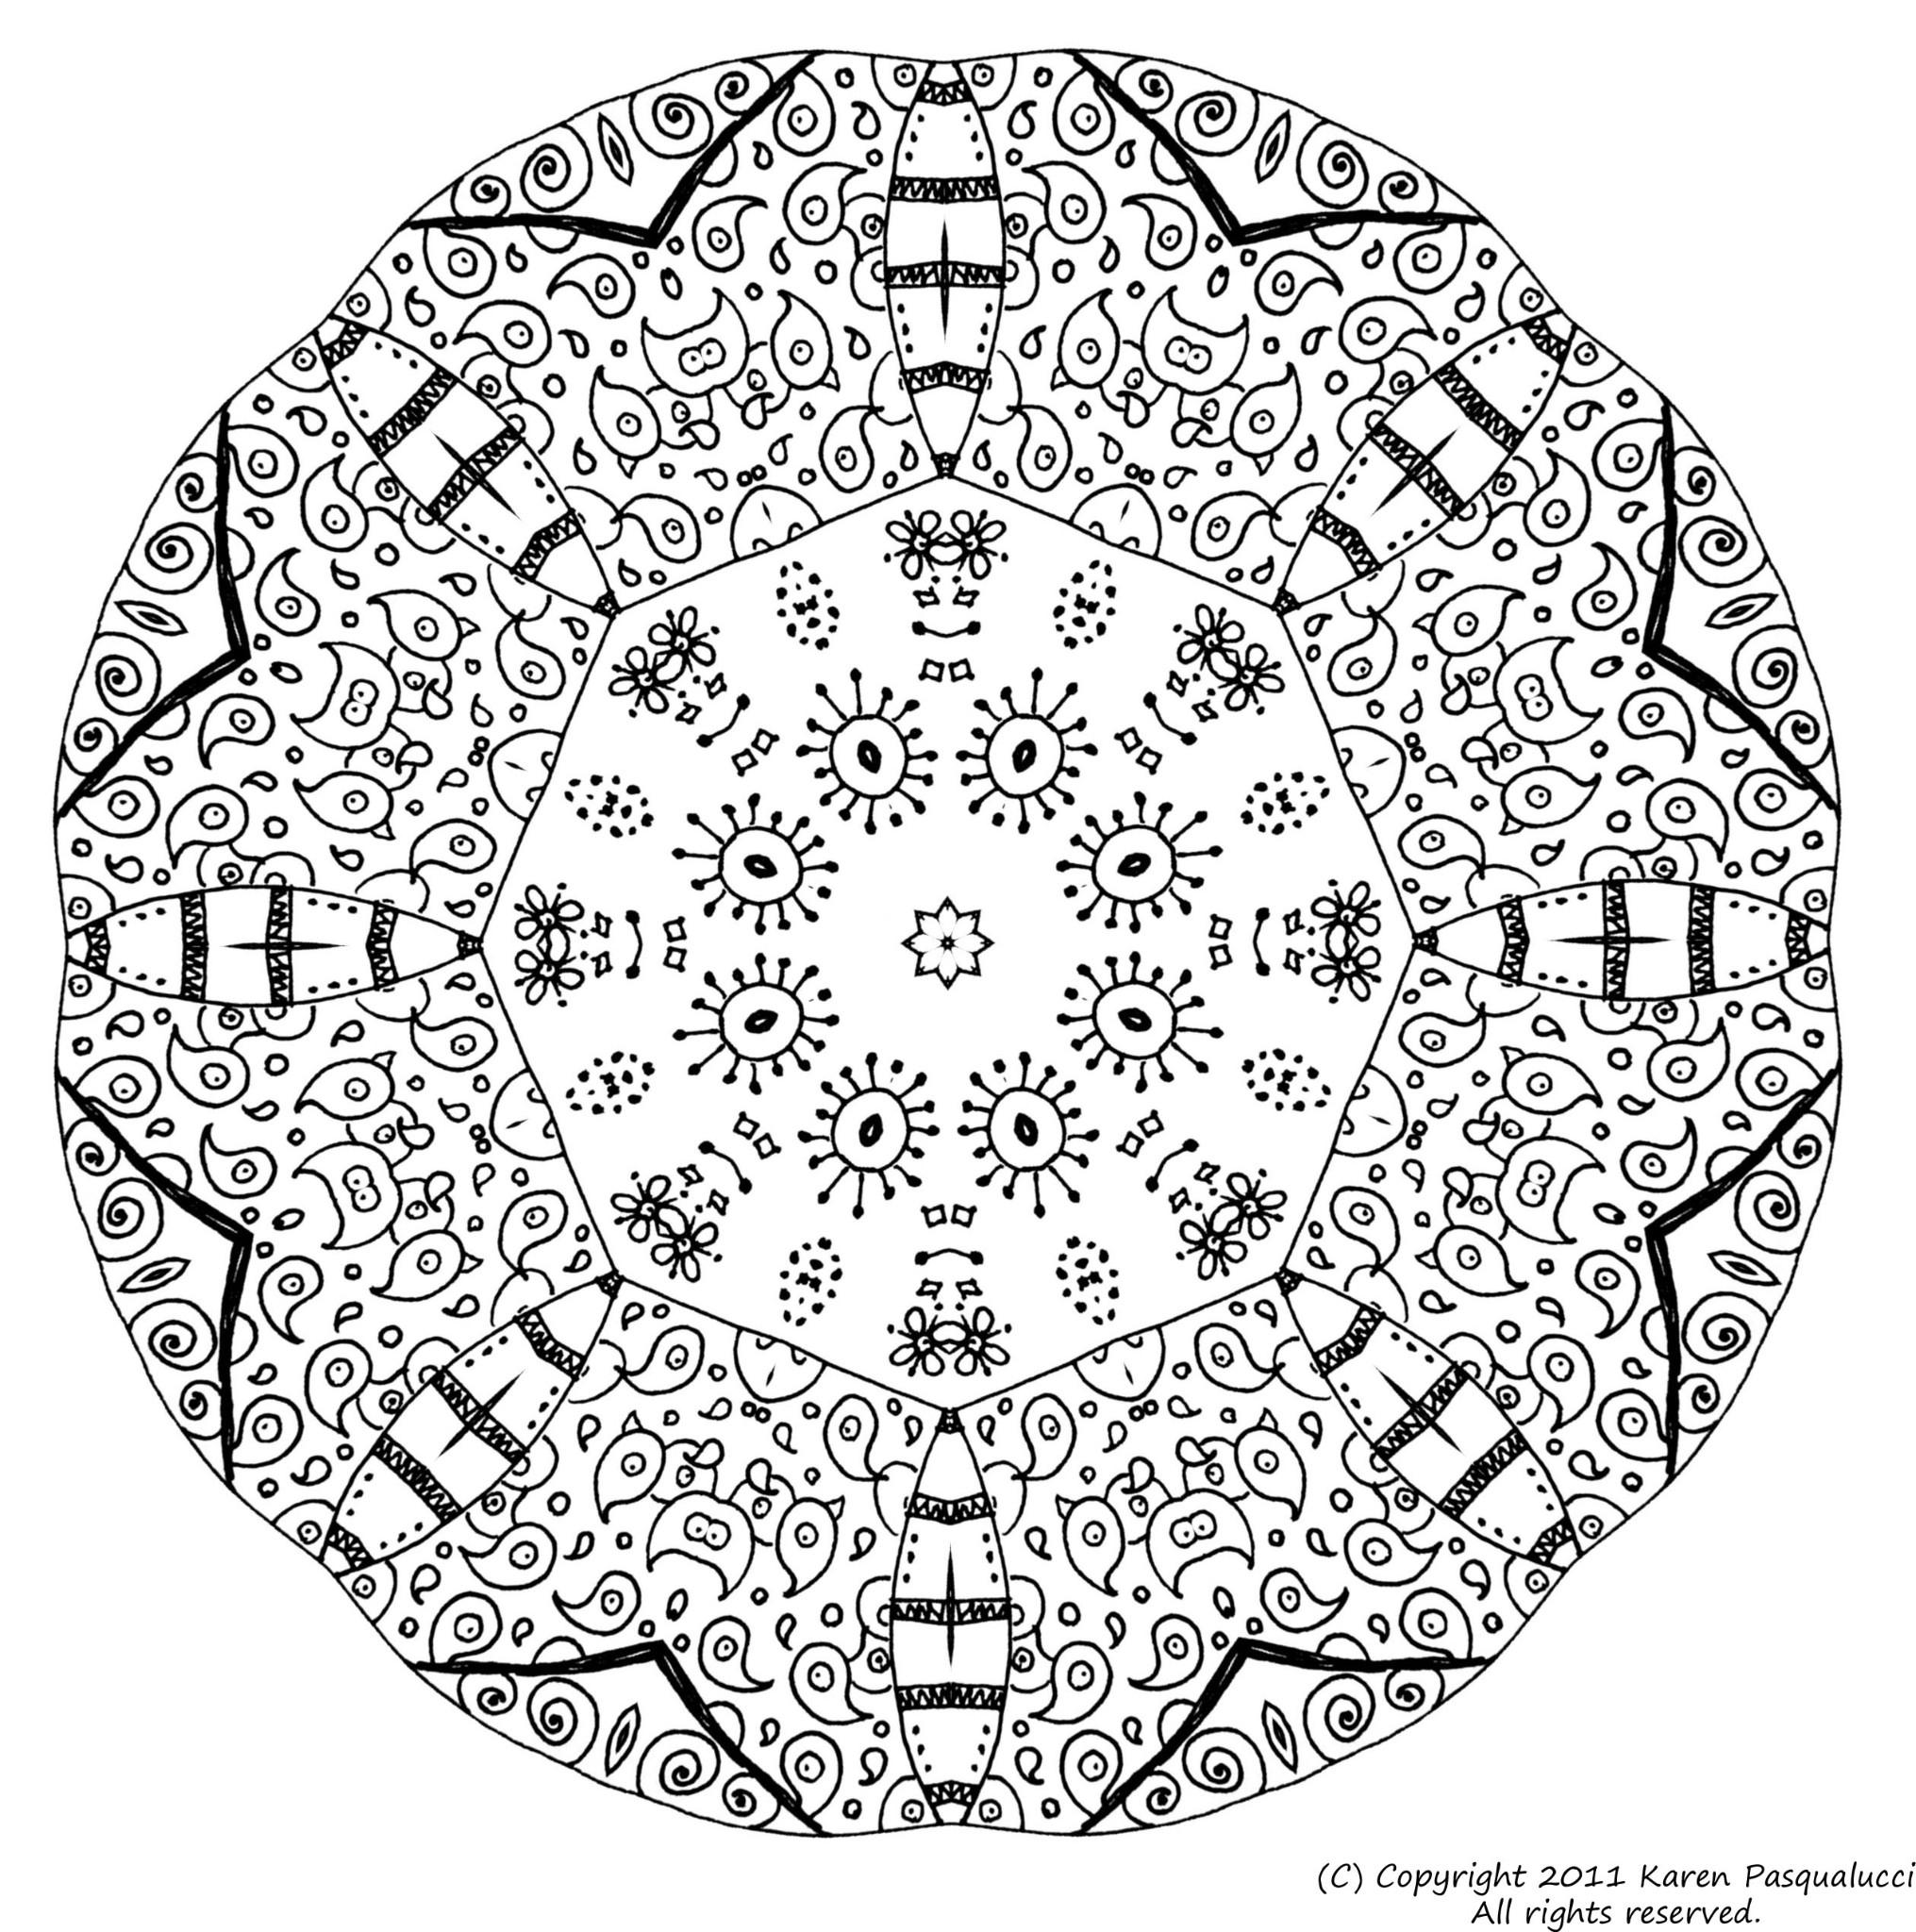 Dessins Gratuits À Colorier - Coloriage Adulte Difficile À pour Coloriage De Mandala Difficile A Imprimer